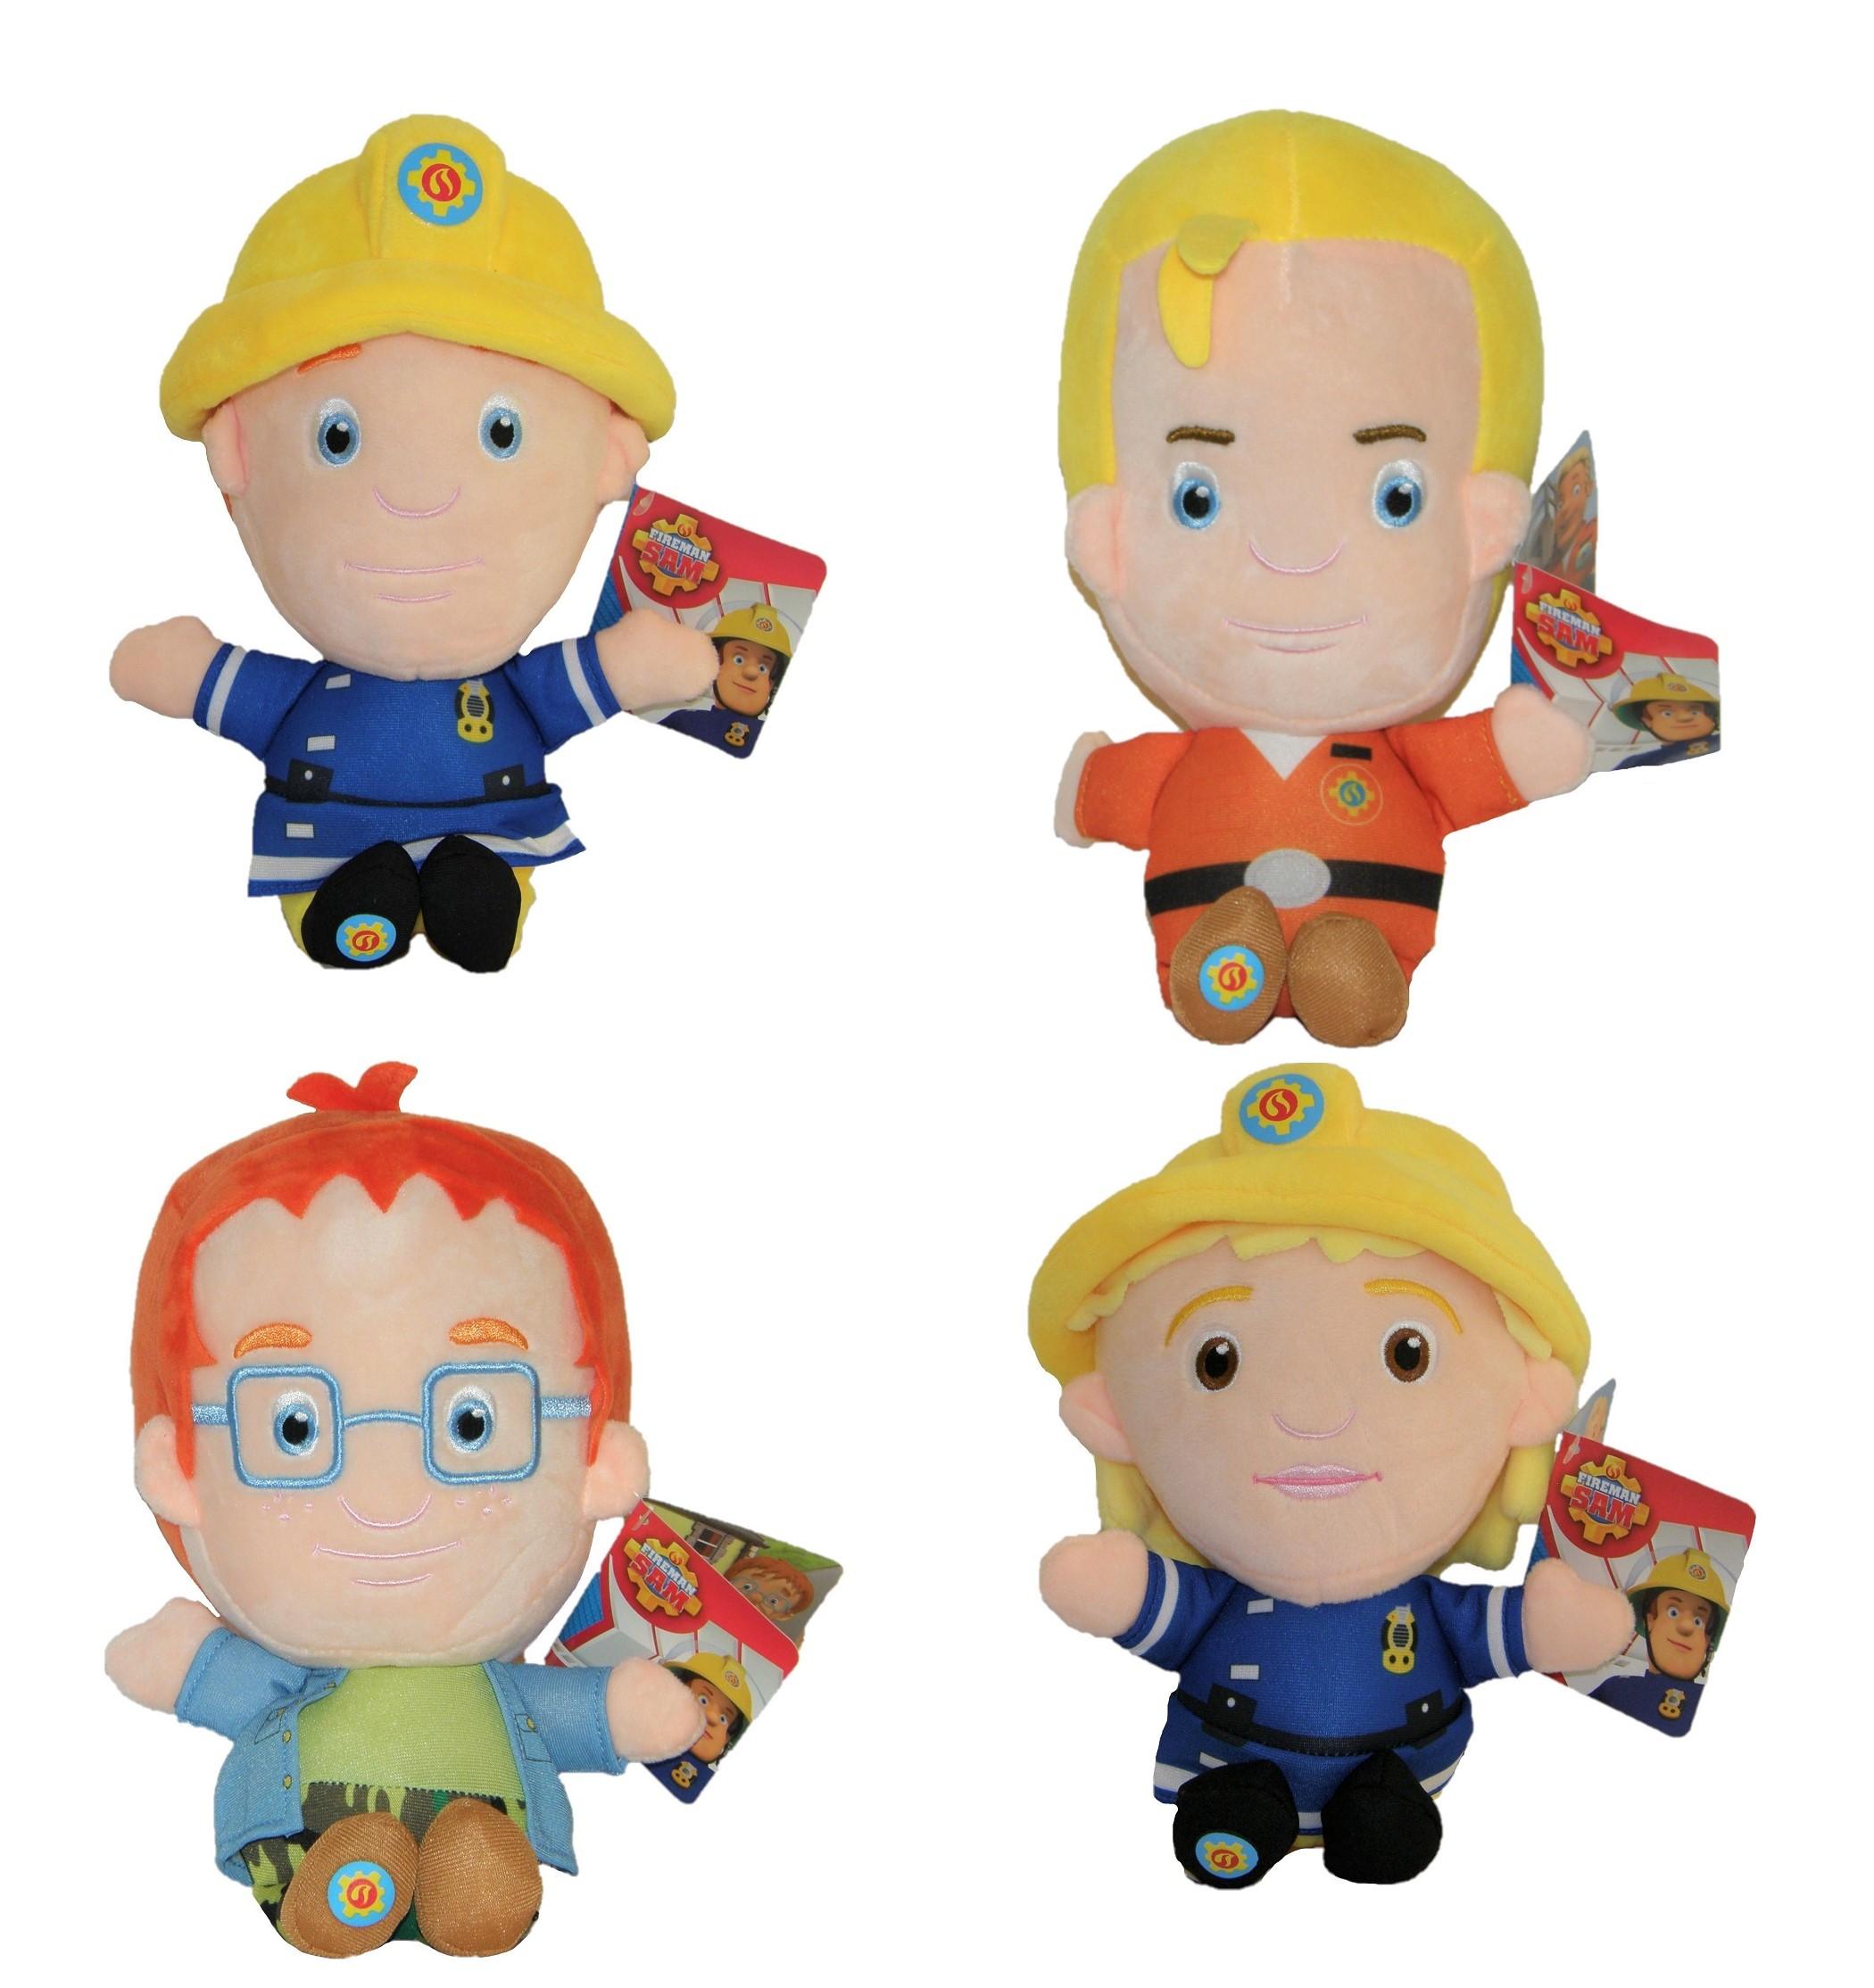 Feuerwehrmann Sam Plüschfigur verschiedene Charaktere 28 cm (Auswahl)